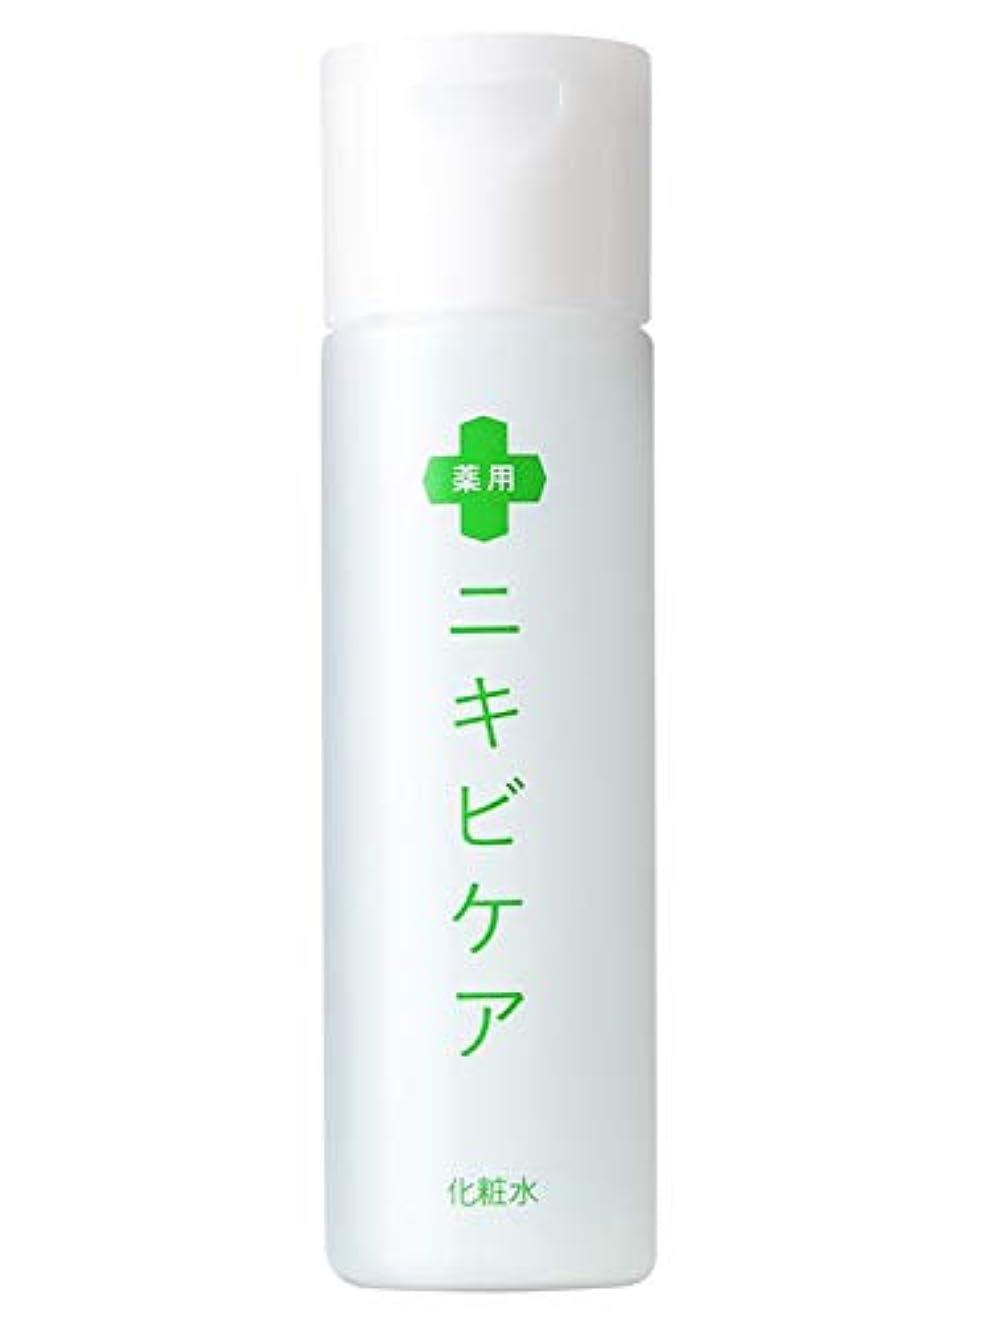 ジェームズダイソン本能植物学者医薬部外品 薬用 ニキビケア 化粧水 大人ニキビ 予防「 あご おでこ 鼻 ニキビ アクネ 対策」「 肌をひきしめサラサラに 」「 コラーゲン プラセンタ 配合 」 メンズ & レディース 120ml